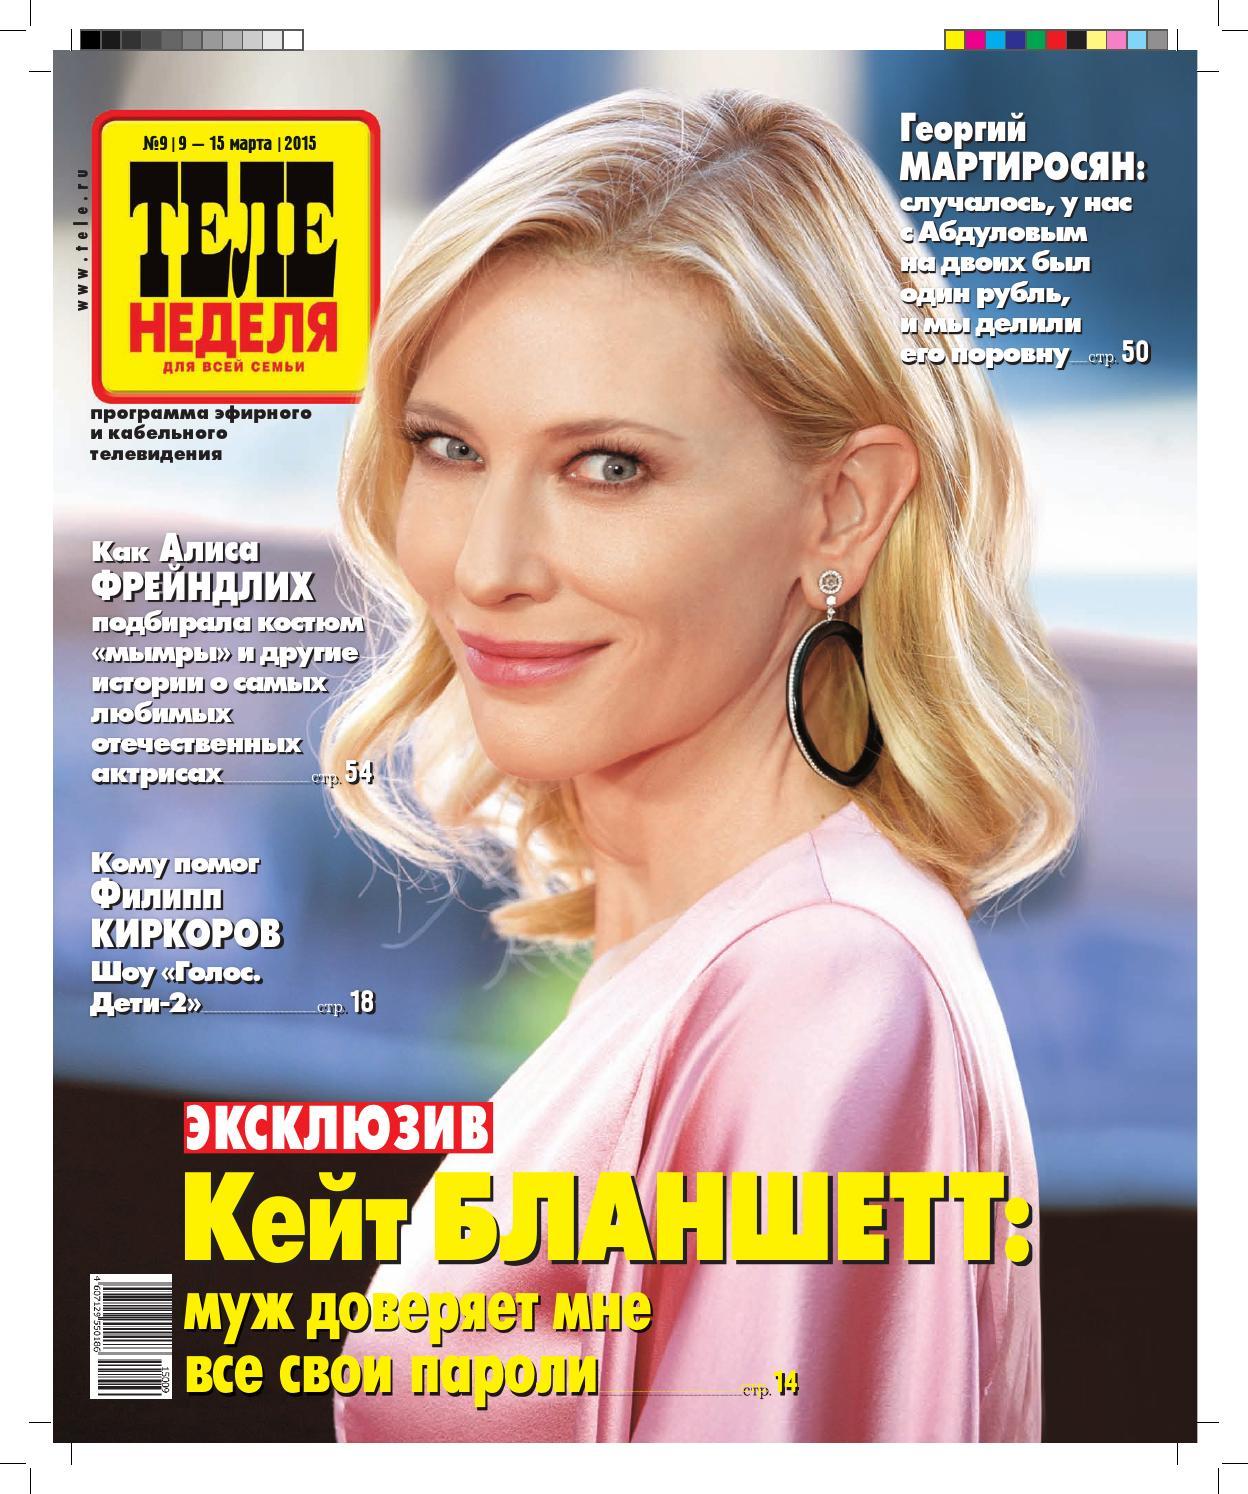 Животик Ксении Назаровой – Агент Национальной Безопасности (1999)